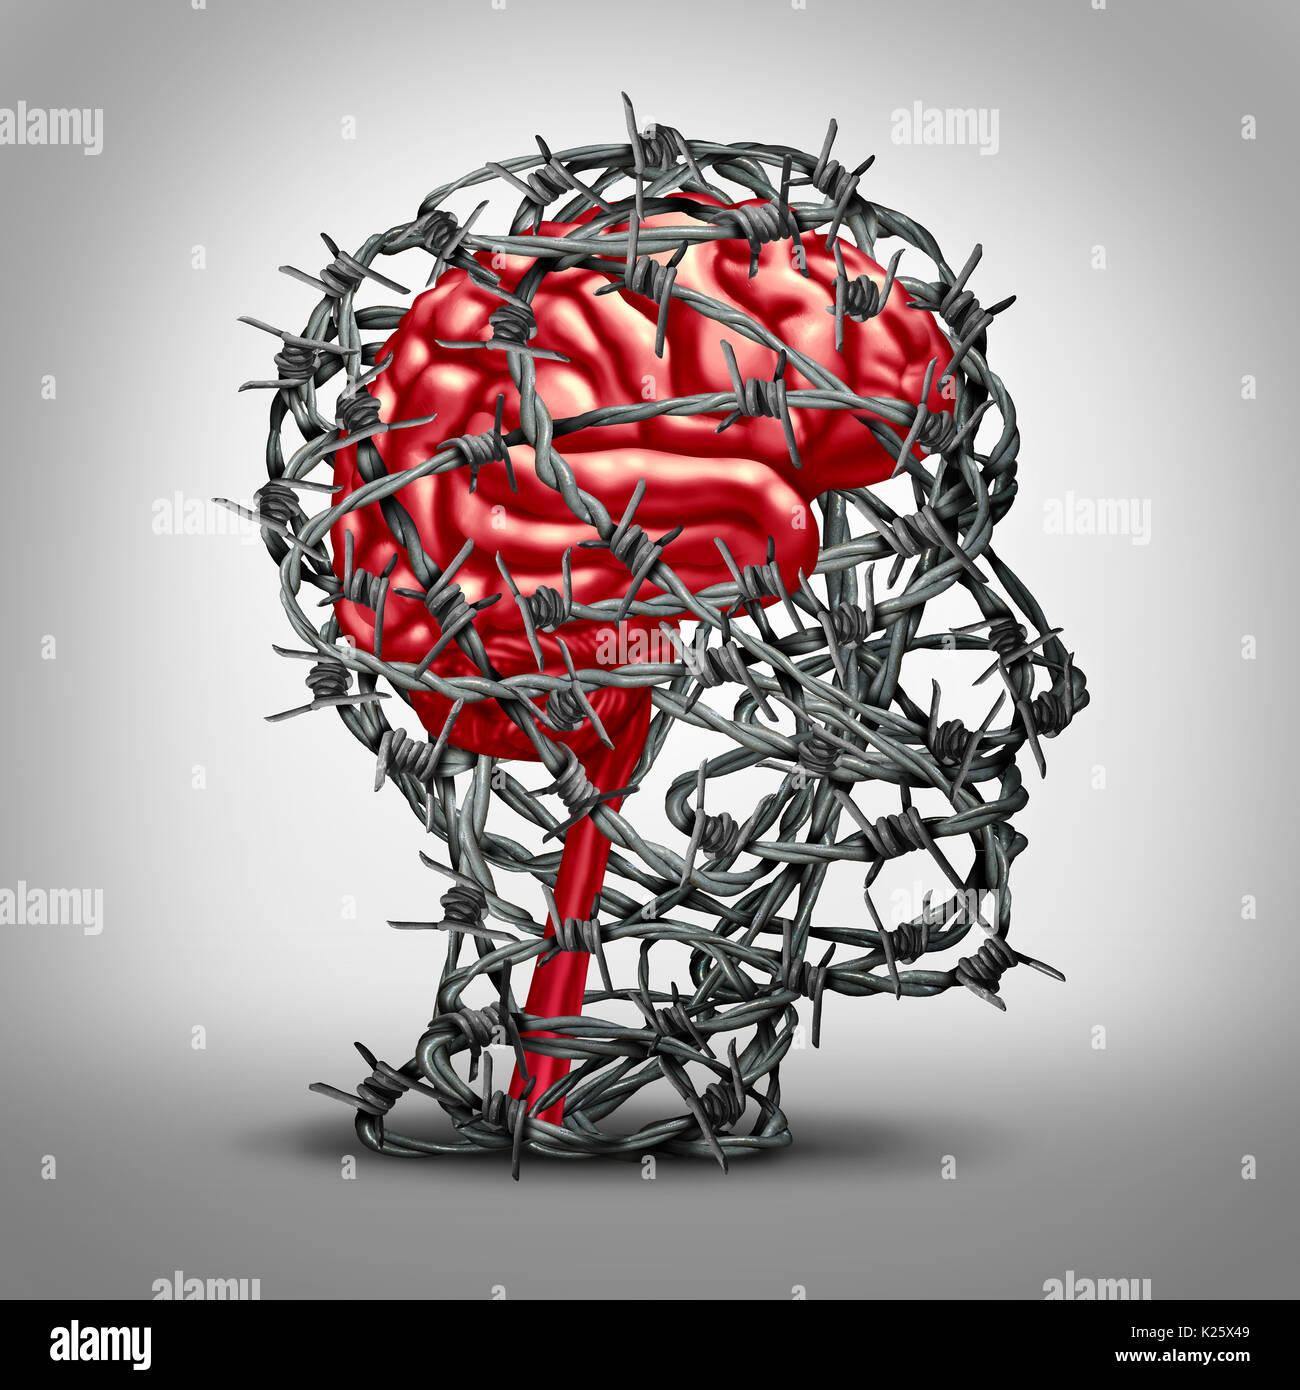 Gehirn Schutzkonzept und schützen den Verstand Symbol als eine geistige Gesundheit Medizin Idee mit einer menschlichen Denkens Orgel von stacheldraht Metall geschützt. Stockbild